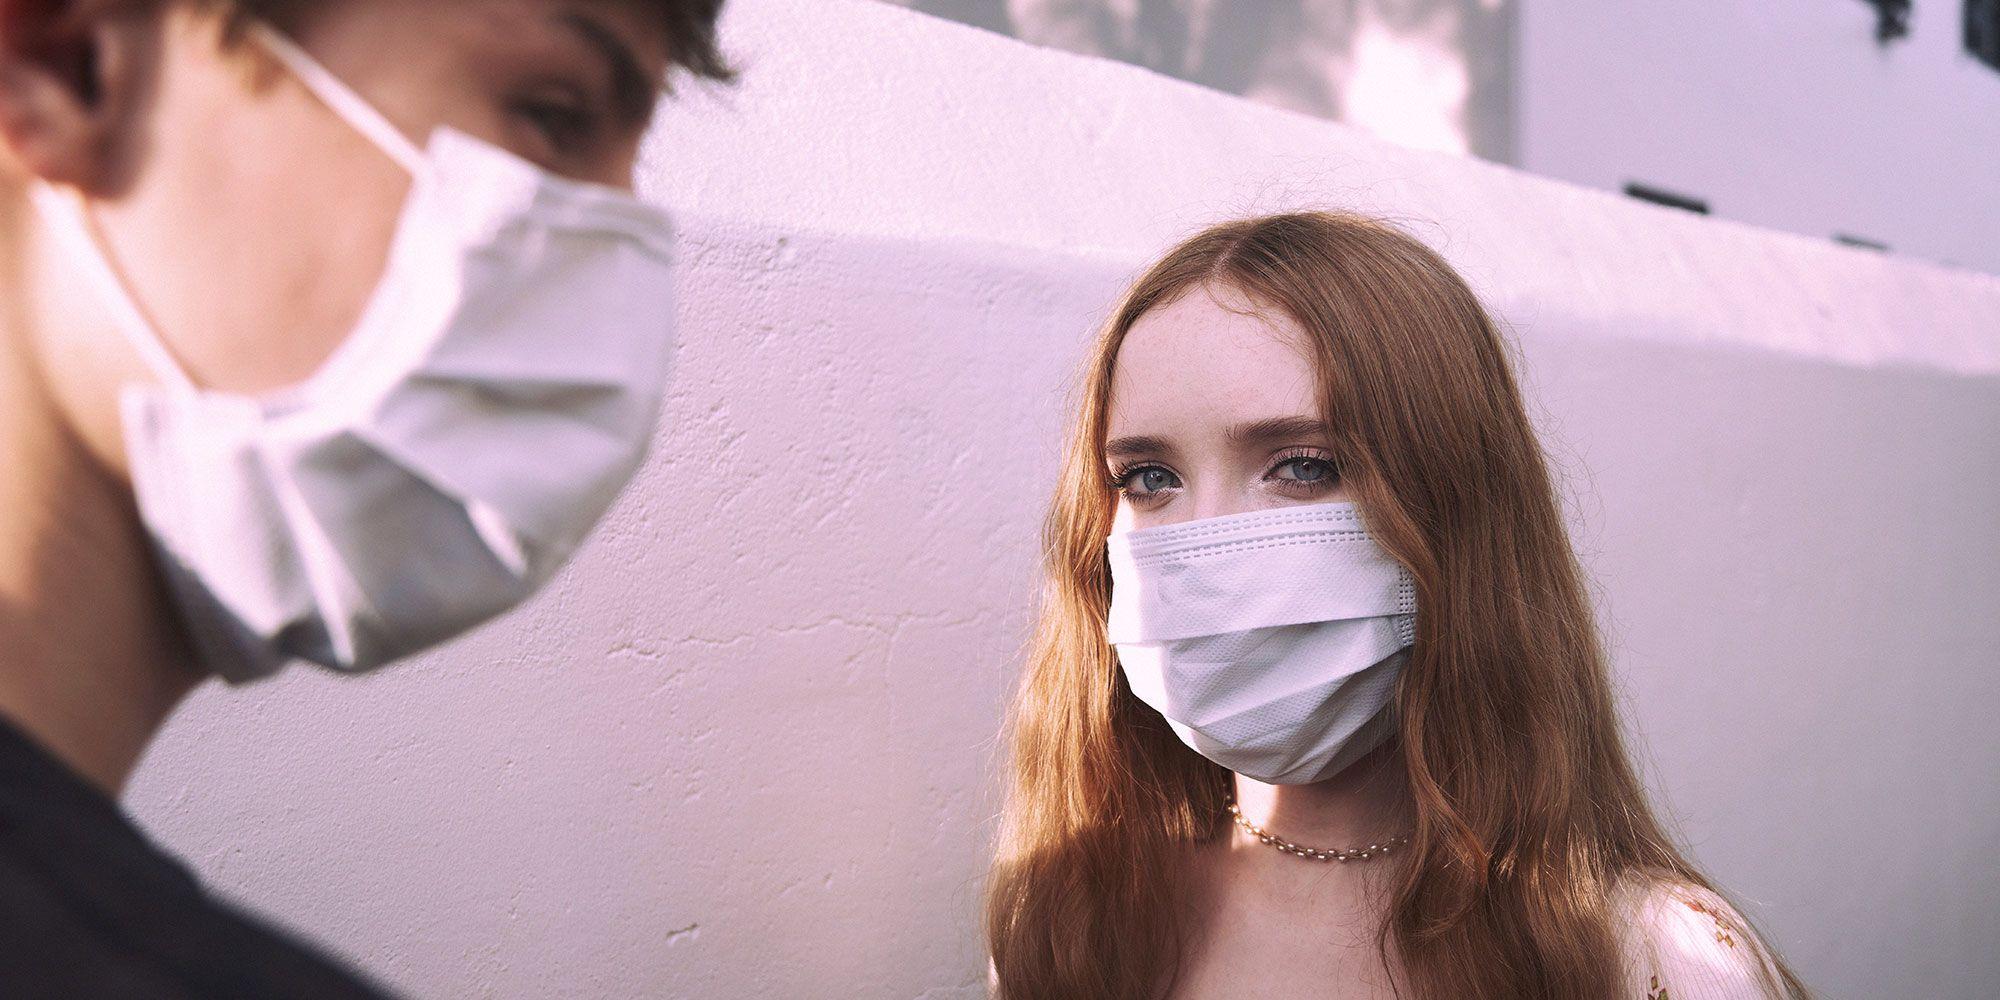 Primo appuntamento dopo la quarantena, perché è normale provare un mix di desiderio e paura